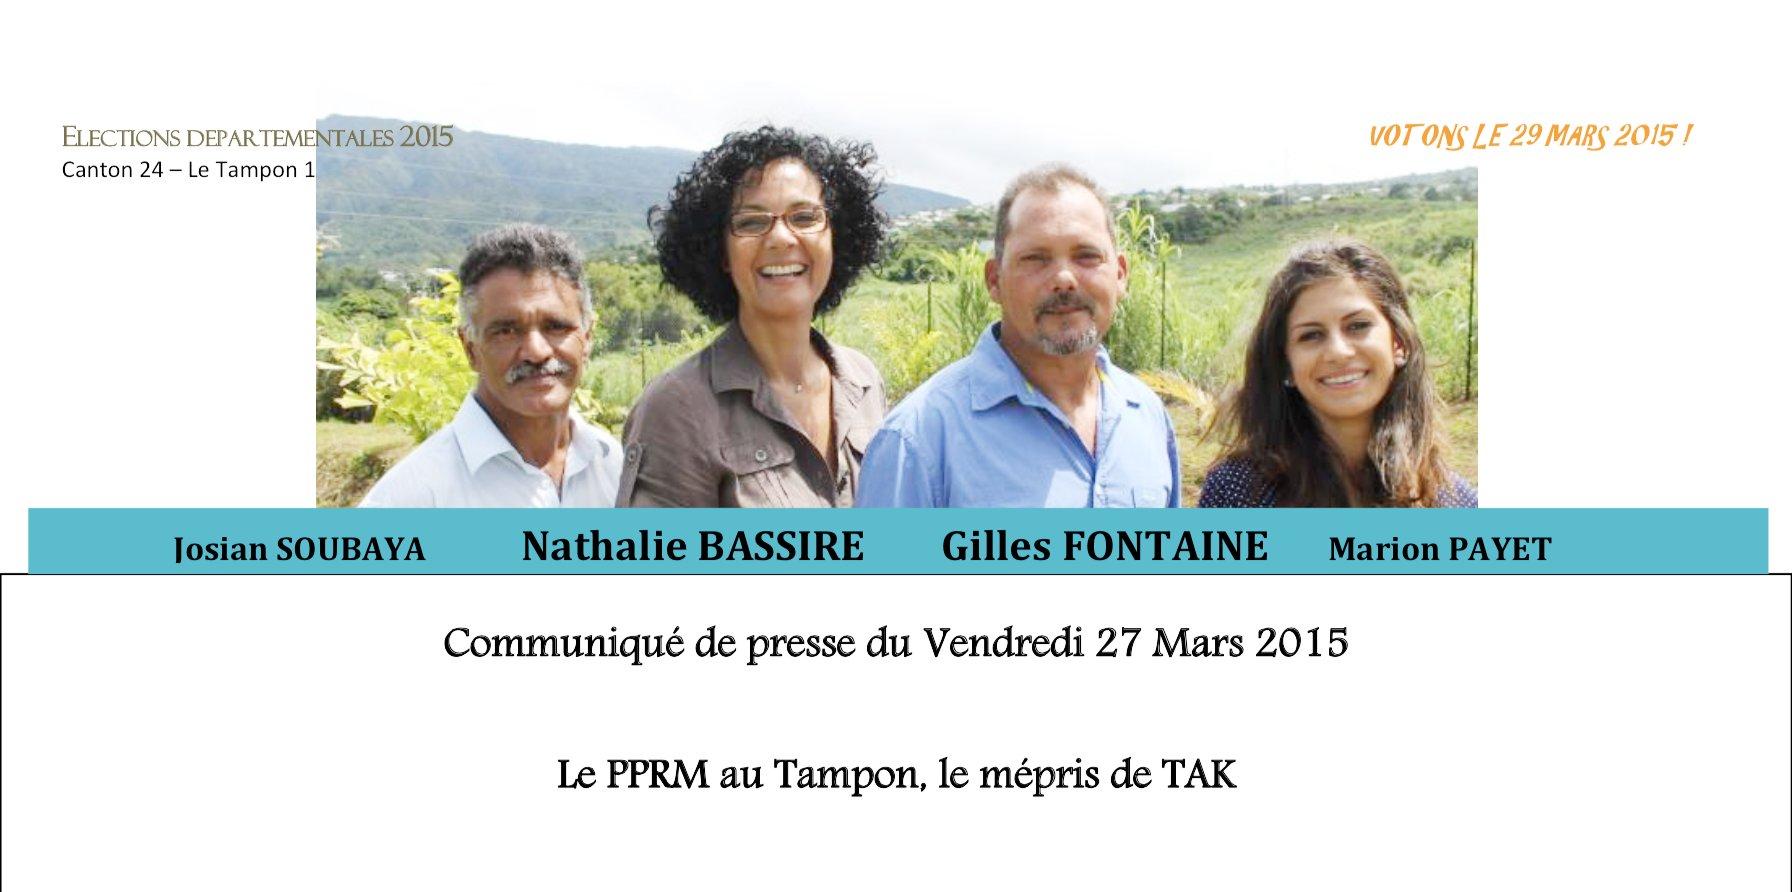 Nathalie BASSIRE : Le PPRM au Tampon, le mépris de TAK